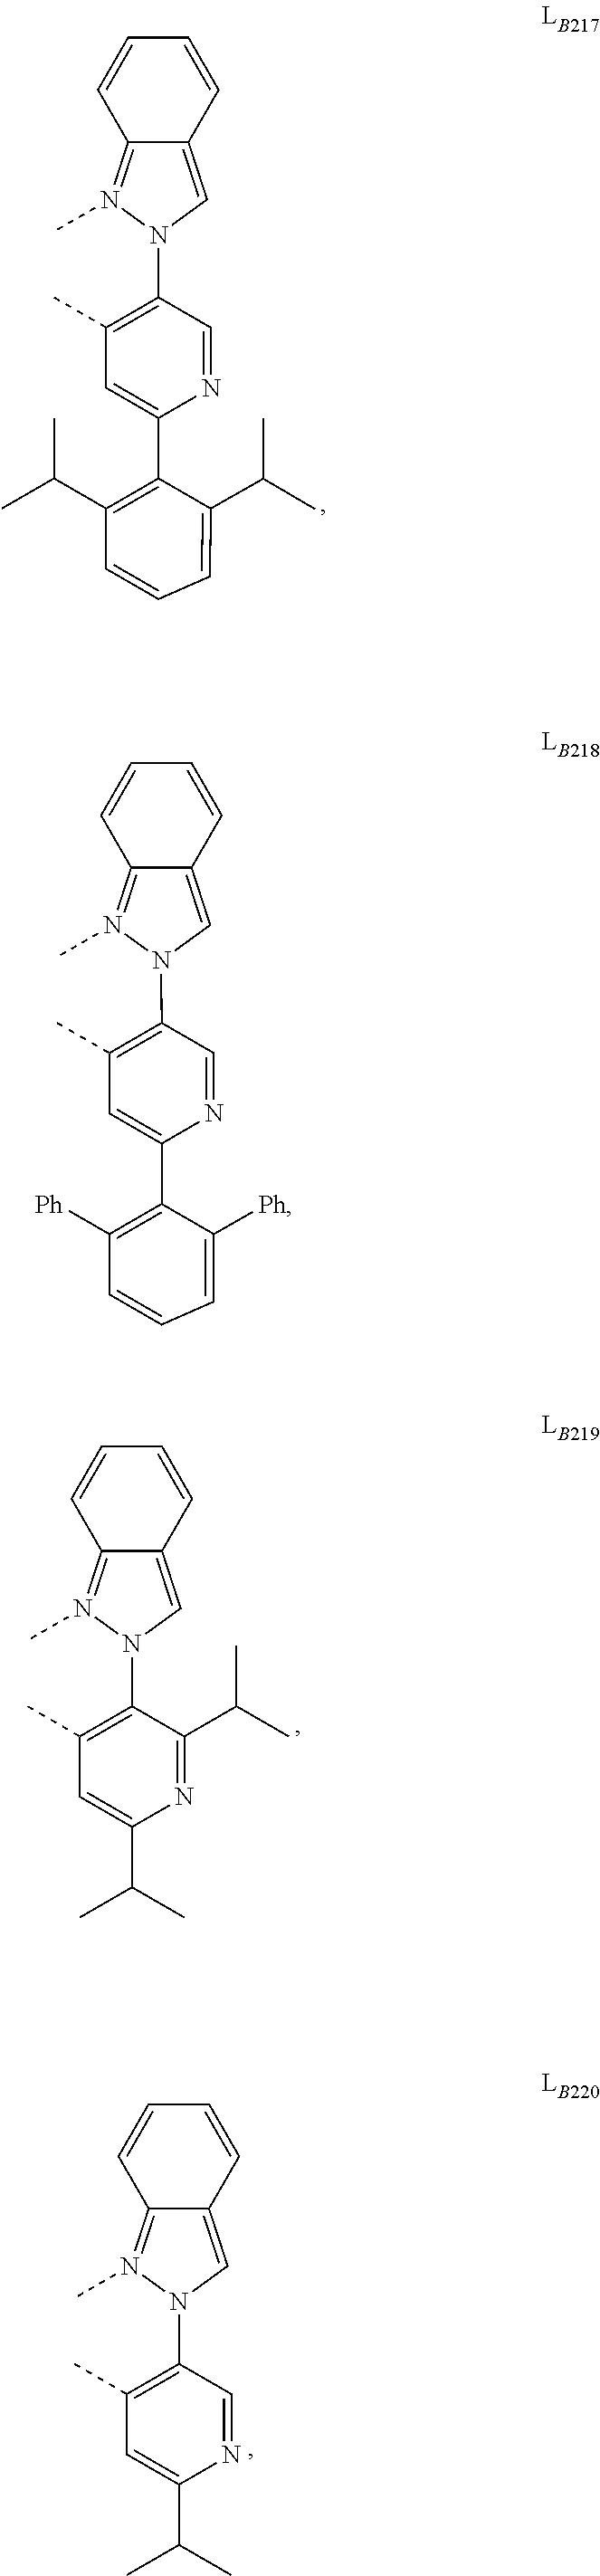 Figure US09905785-20180227-C00153